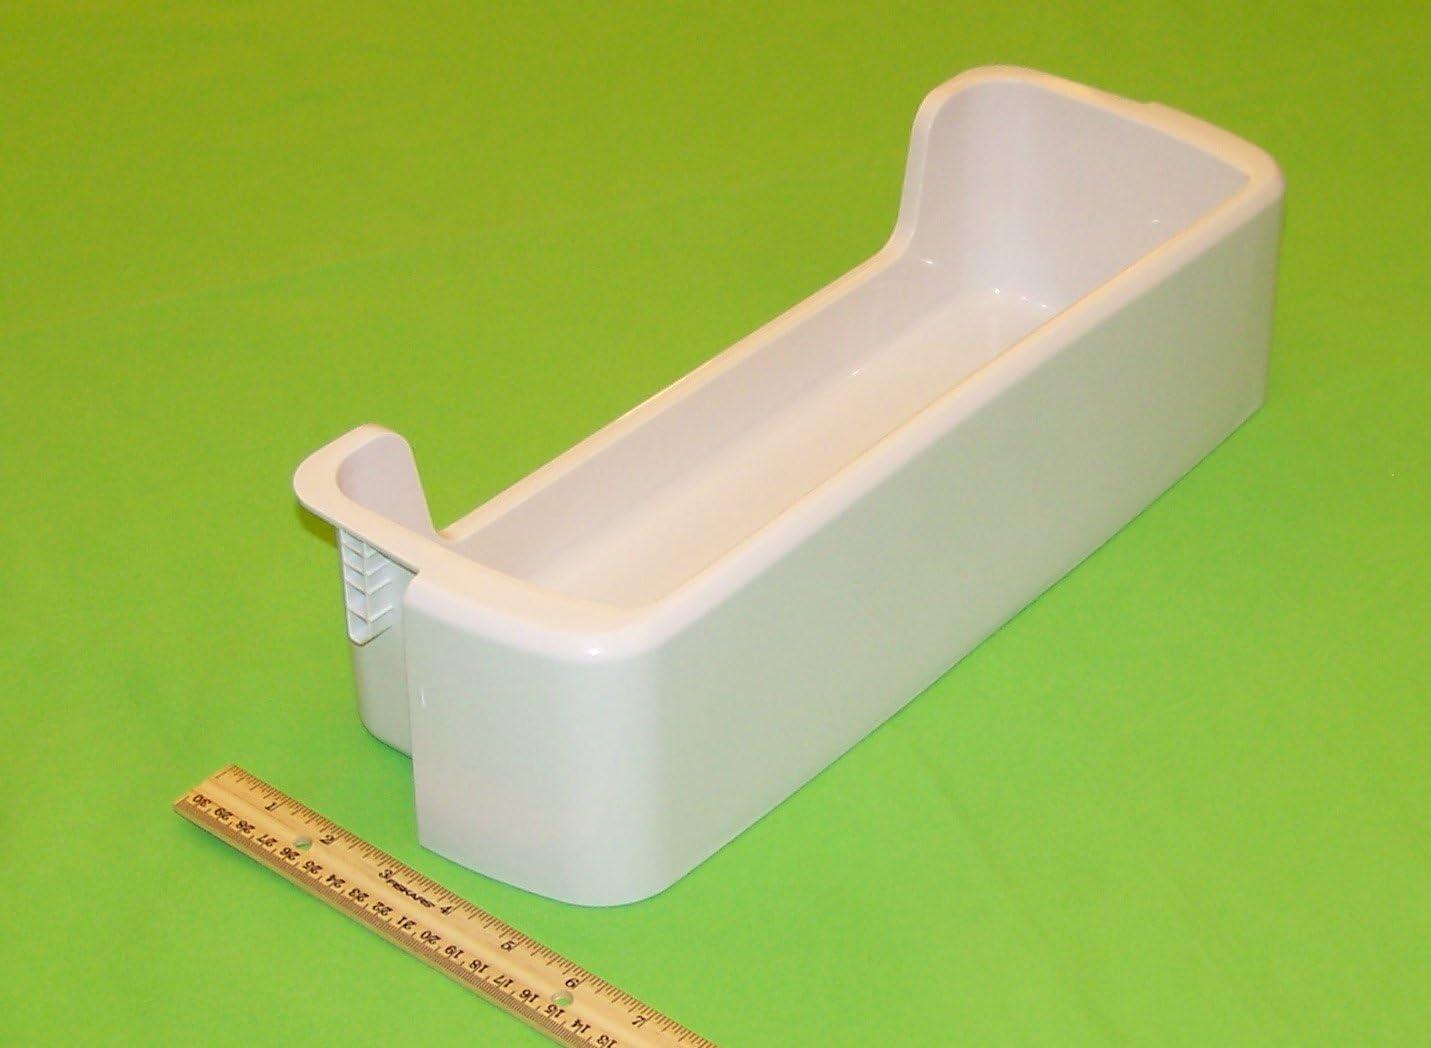 OEM Samsung Refrigerator Door Bin Basket Shelf Tray For Samsung RS261MDBP, RS261MDBP/XAA, RS261MDPN, RS261MDPN/XAA